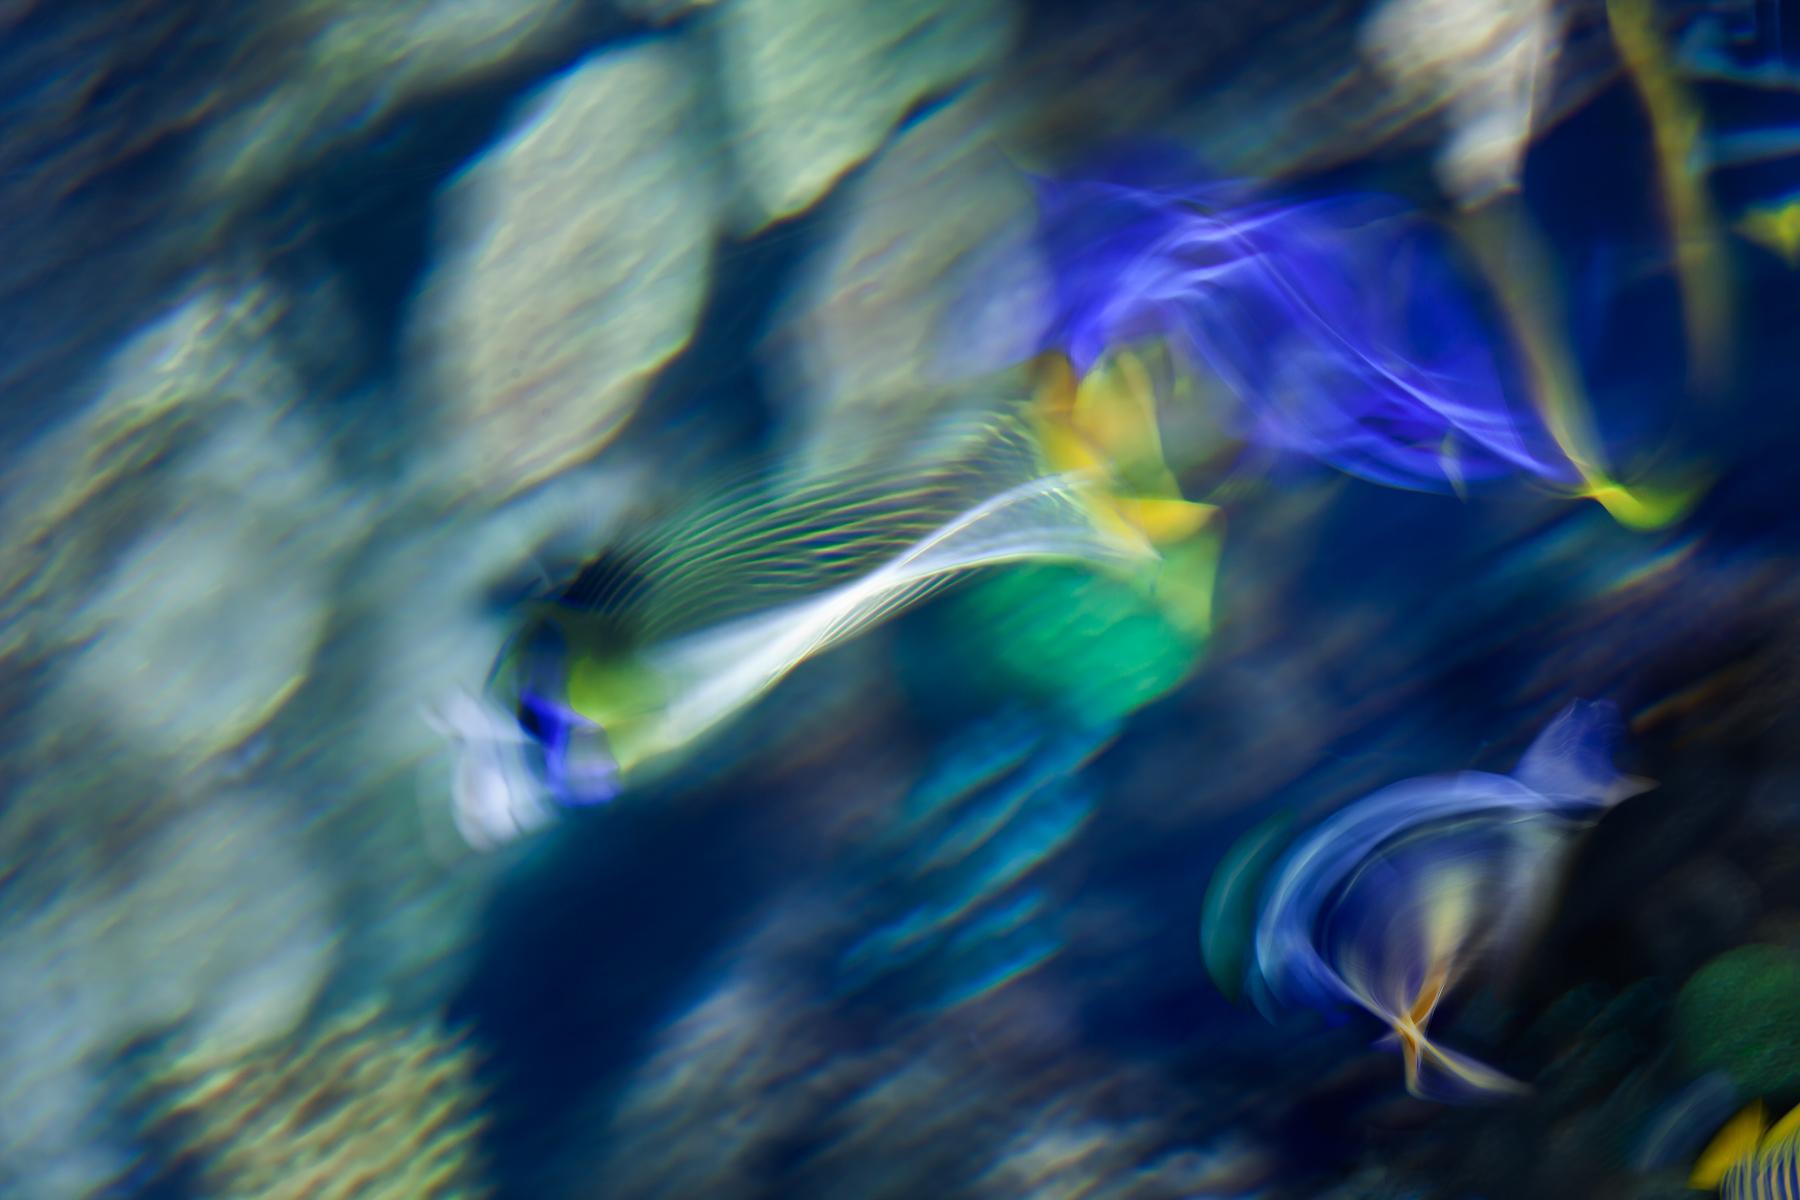 Cheryl_Rossum_Ocean Life_Coral Reef_2.jpg